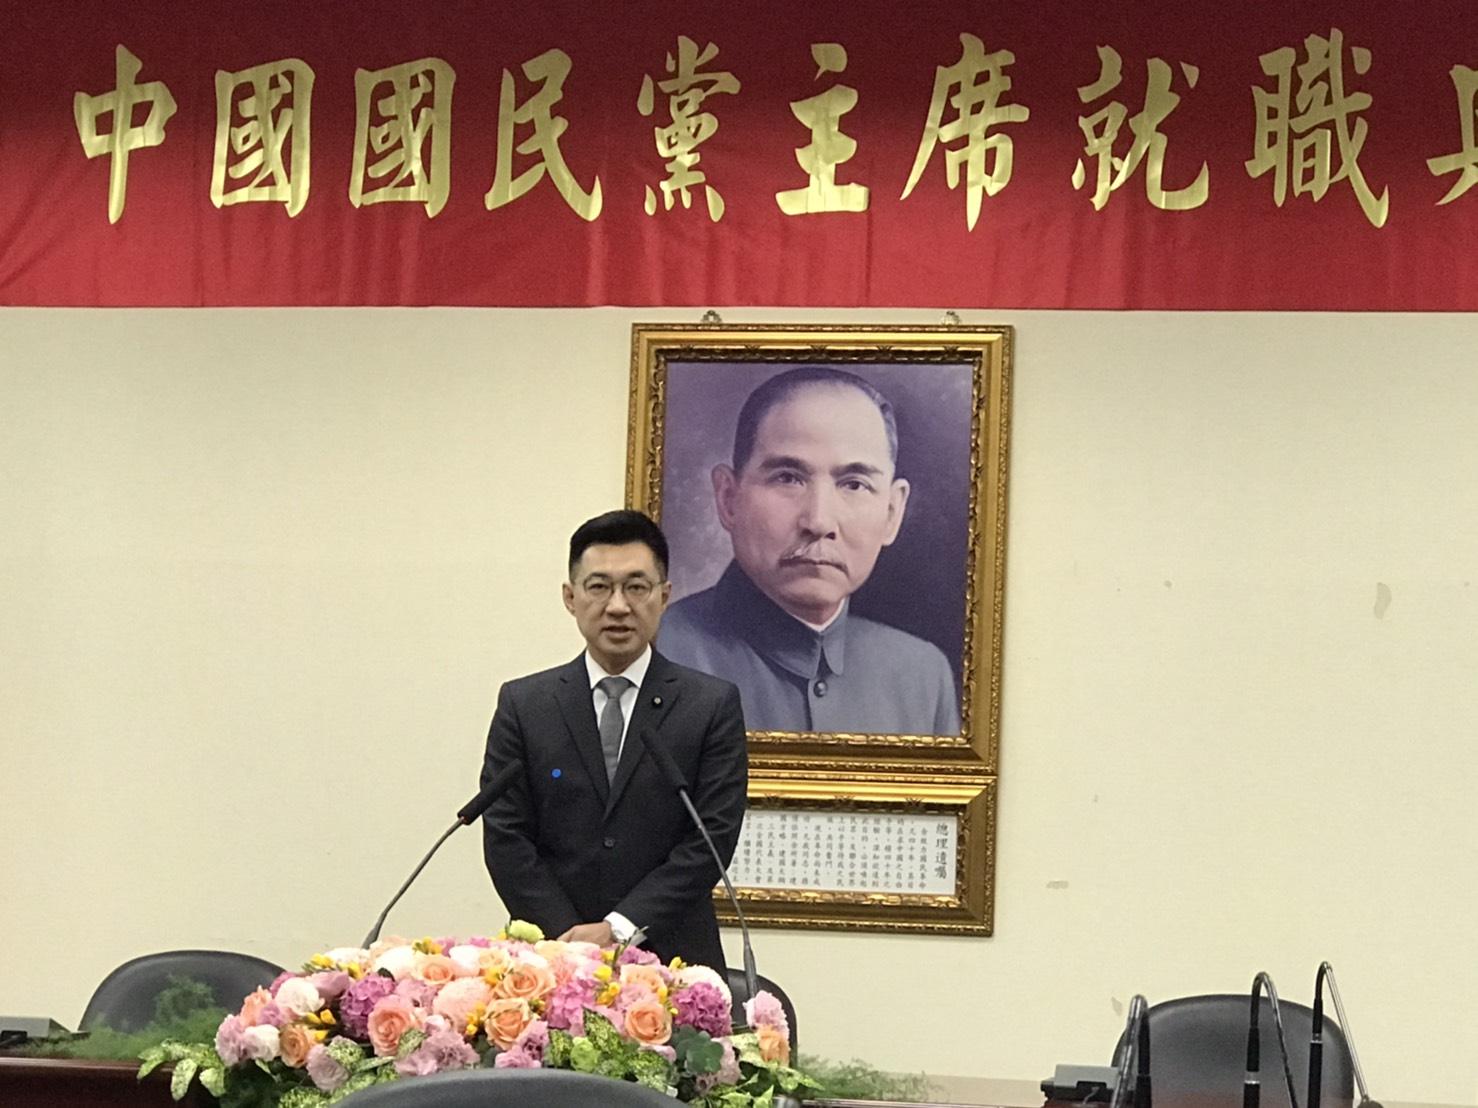 國民黨主席江啟臣就職 未提九二共識